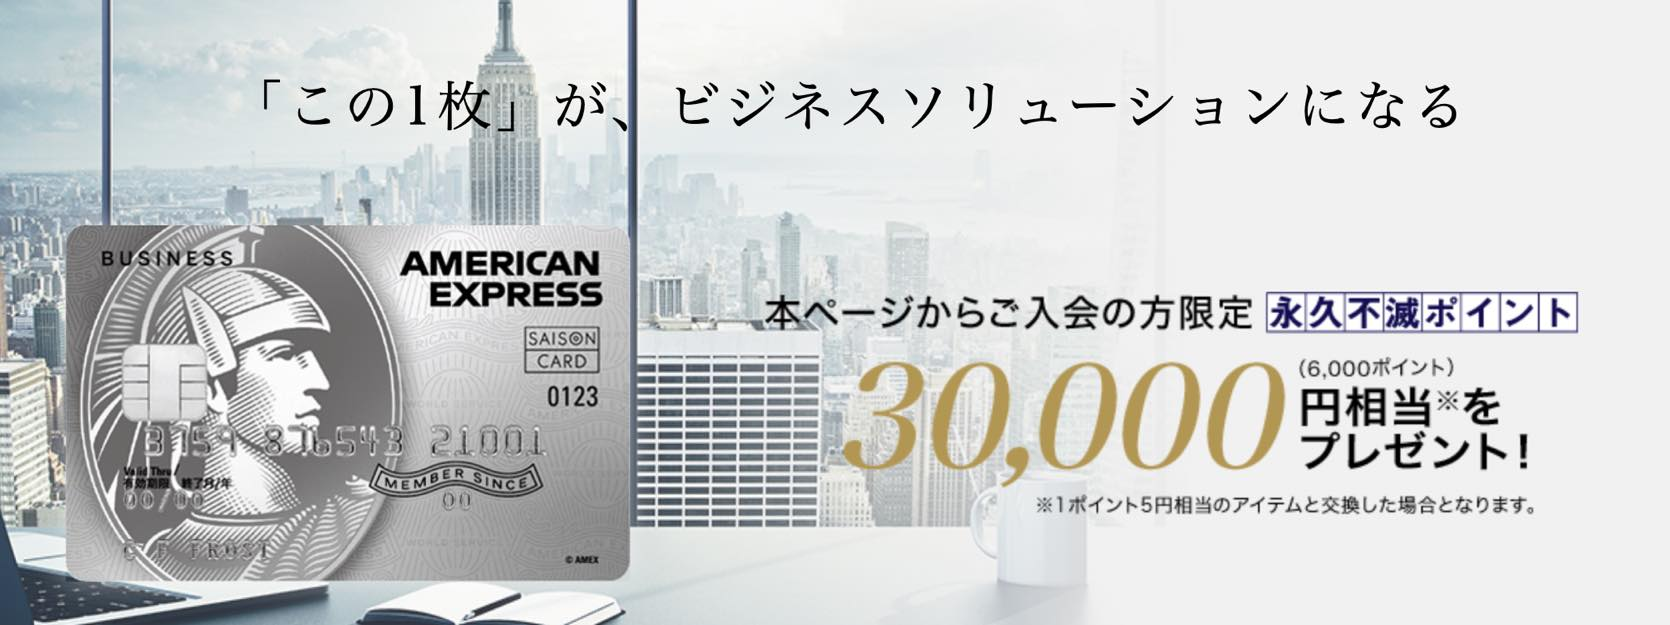 セゾンプラチナ・ビジネス・アメリカン・エキスプレス・カードの入会キャンペーン